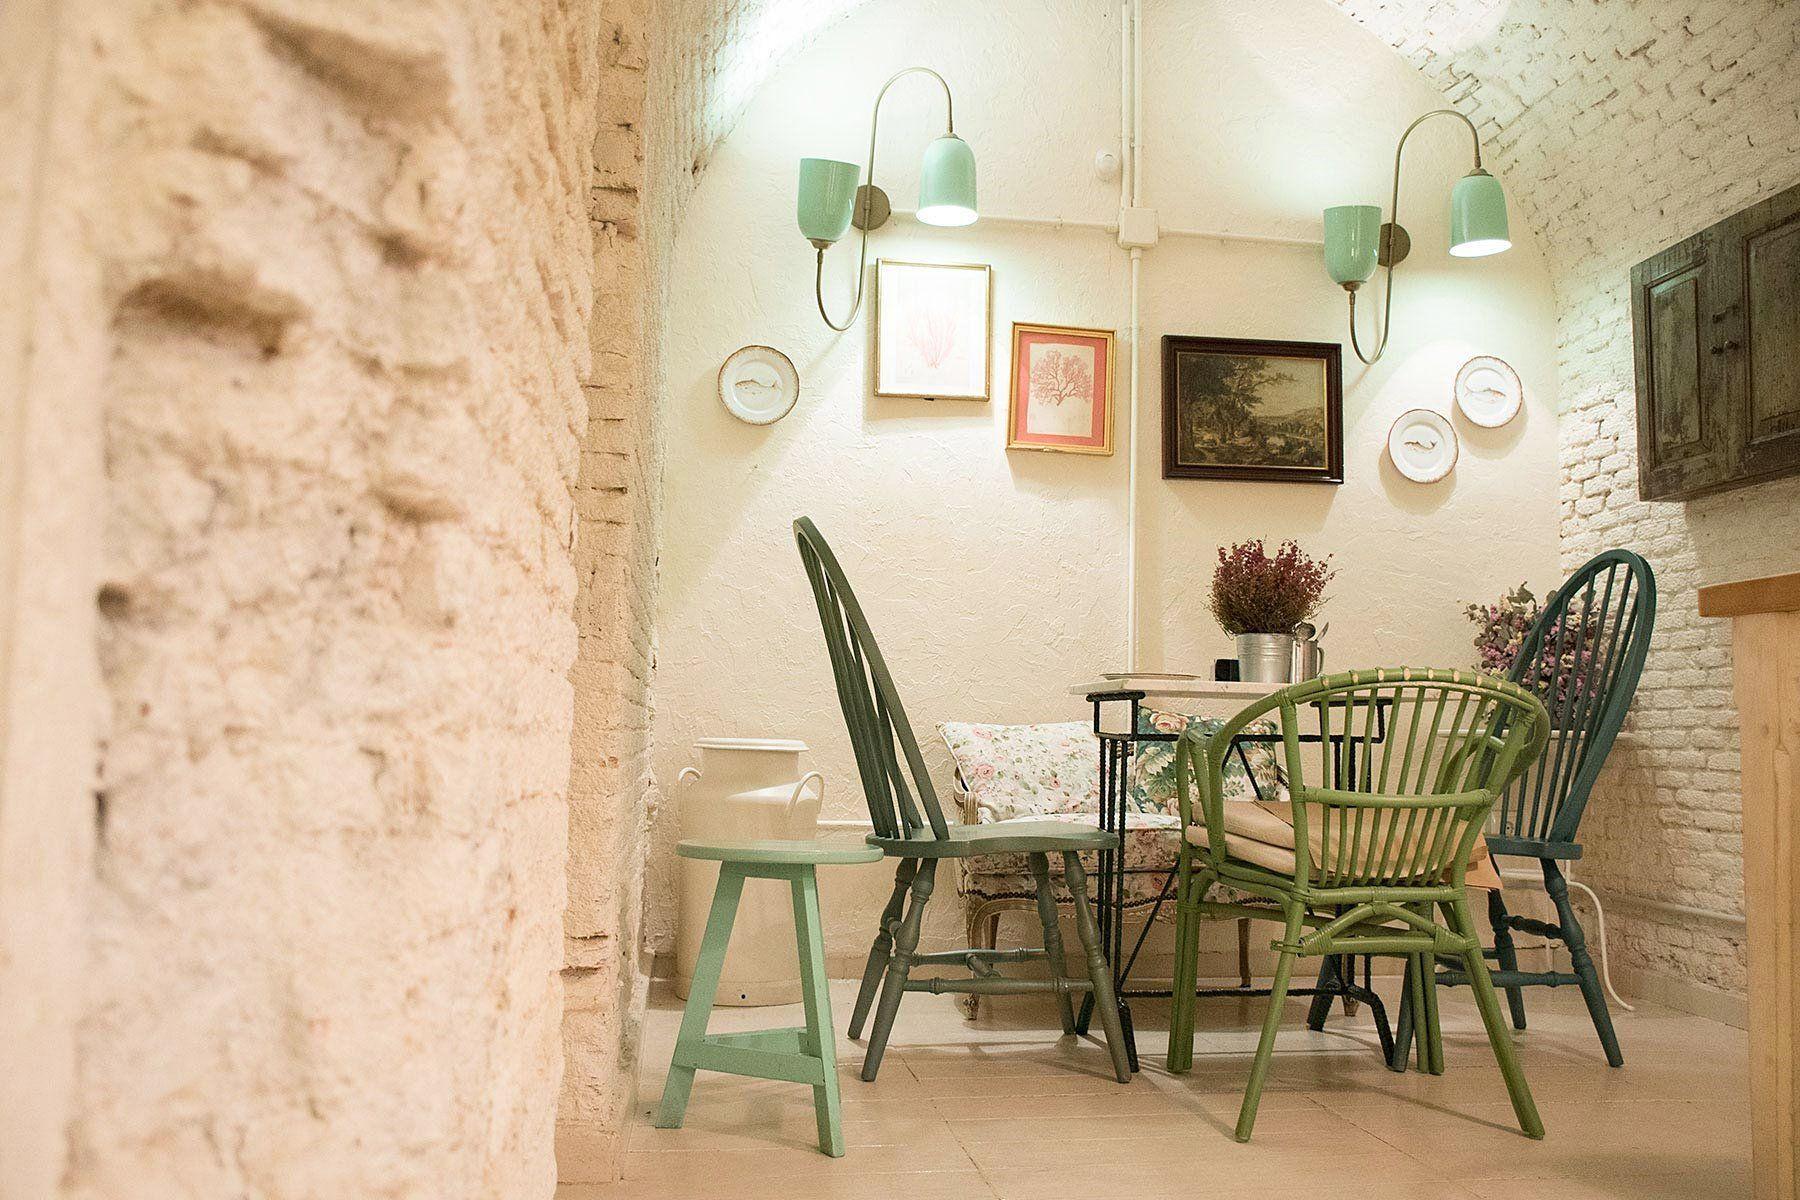 Resto Bar Le Cocó interiores de estilo vintage y shabby chic en Madrid